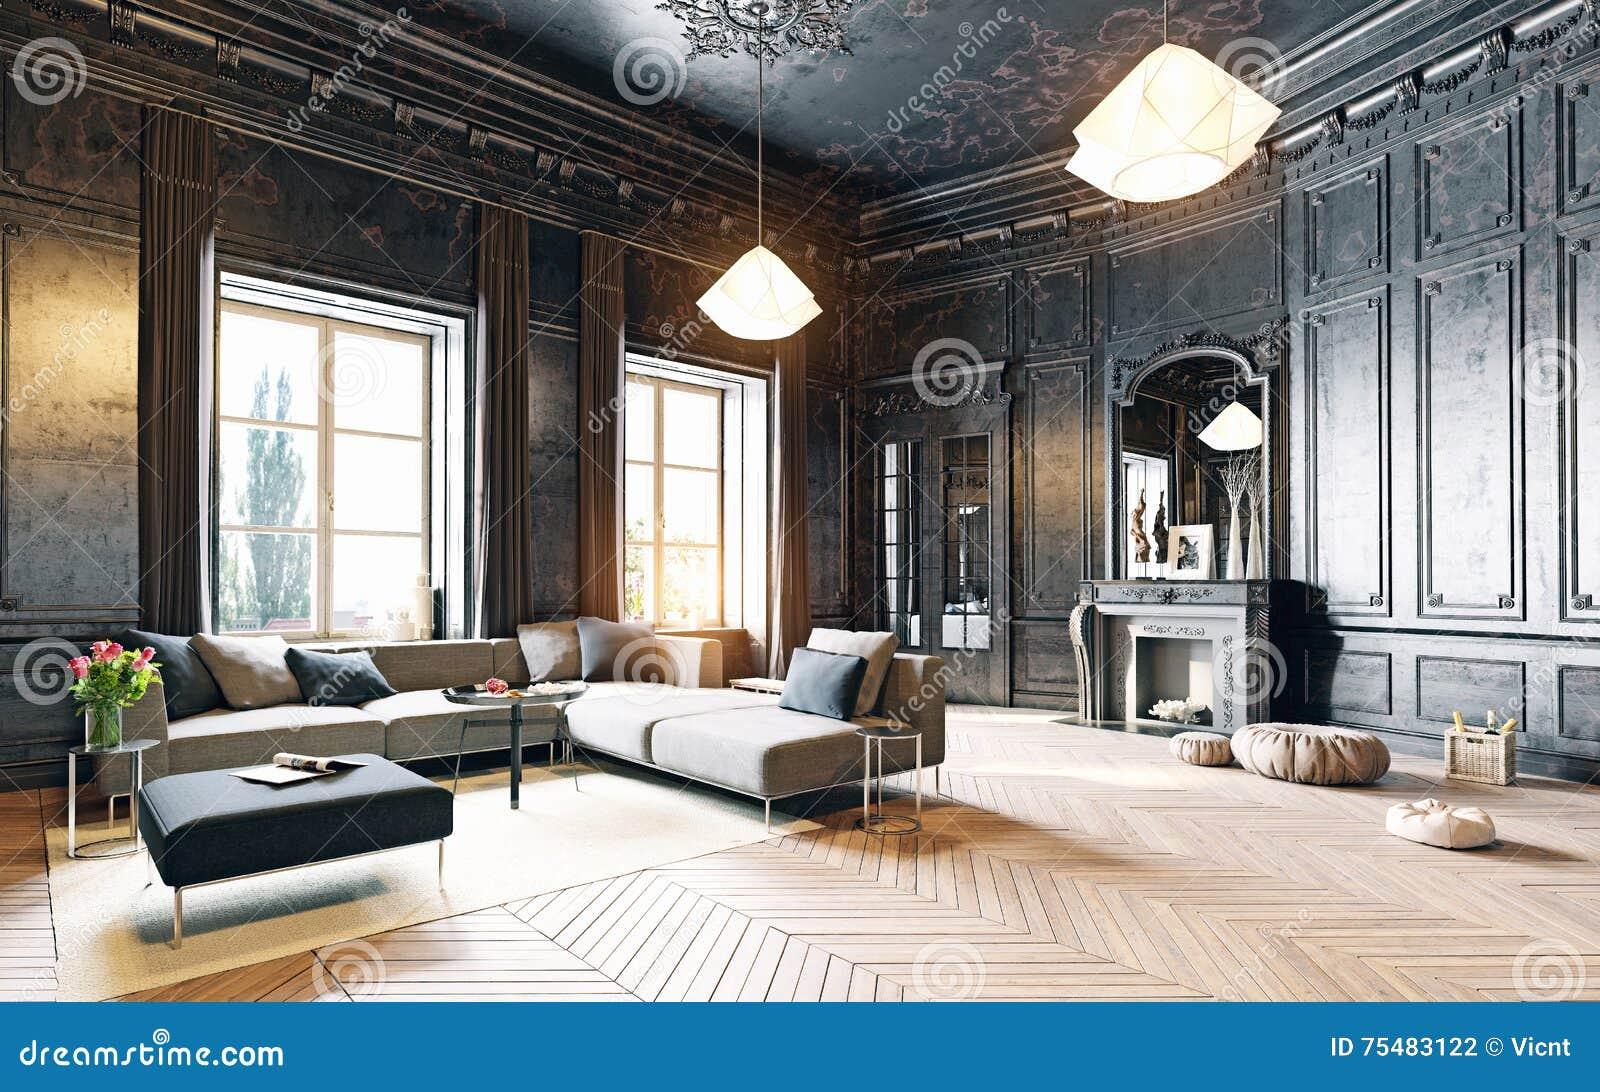 Schwarzes Wohnzimmer stock abbildung. Illustration von ...